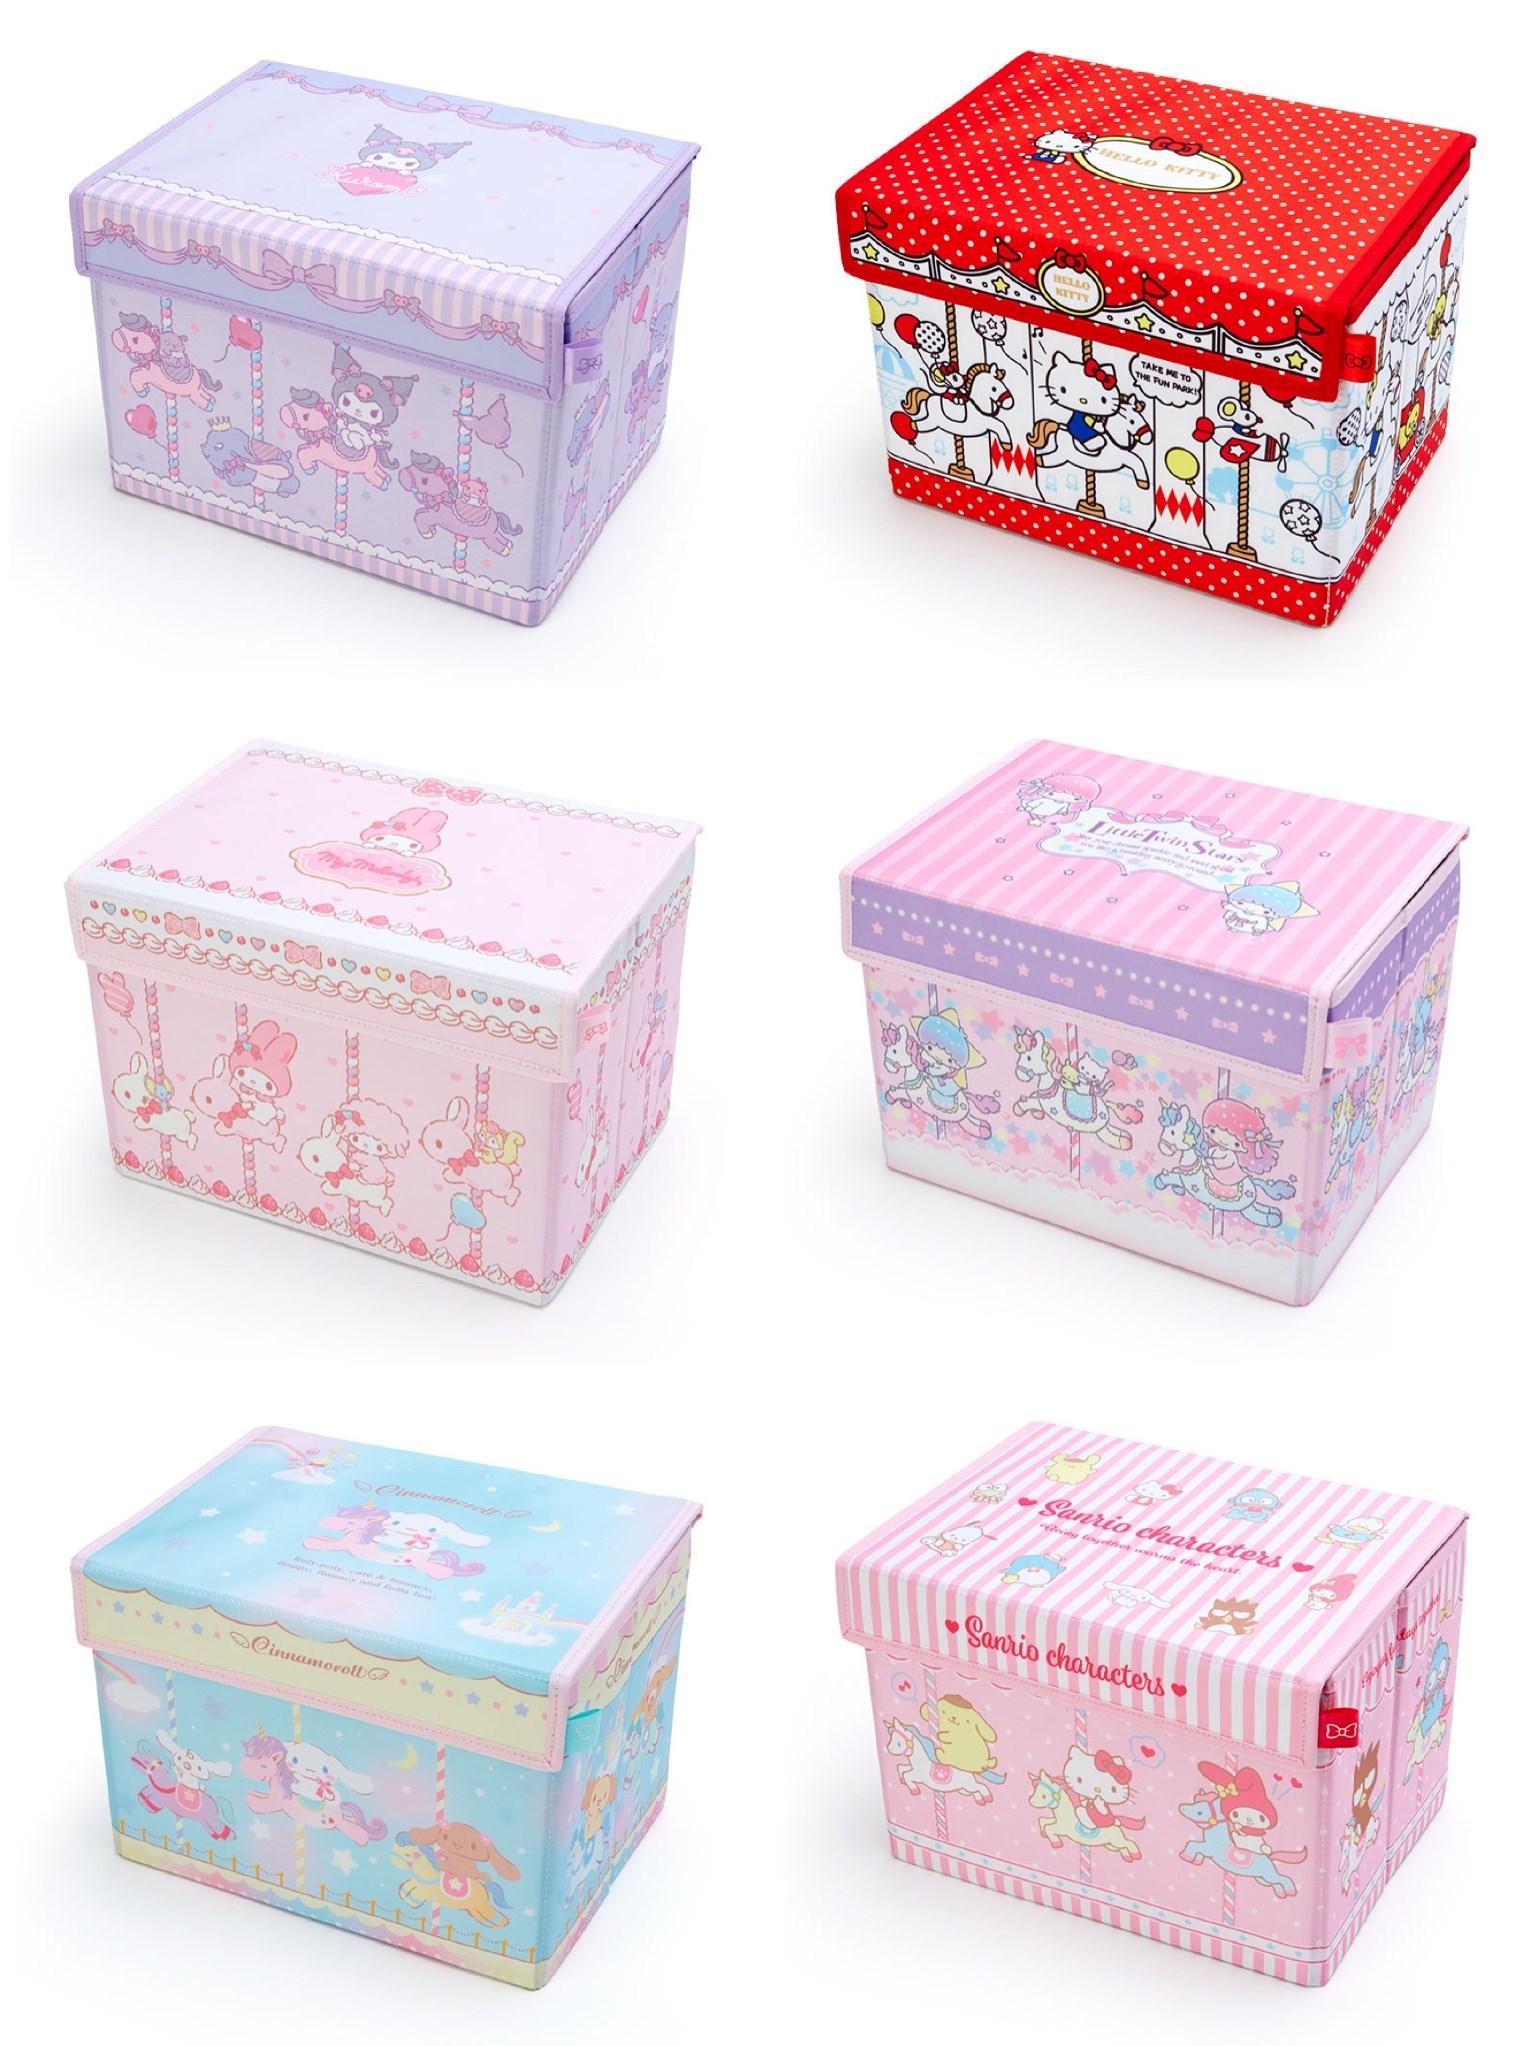 布艺收纳箱 卡通可折叠储物箱 美乐蒂双子星宿舍收纳整理箱杂物箱 Изображение 1